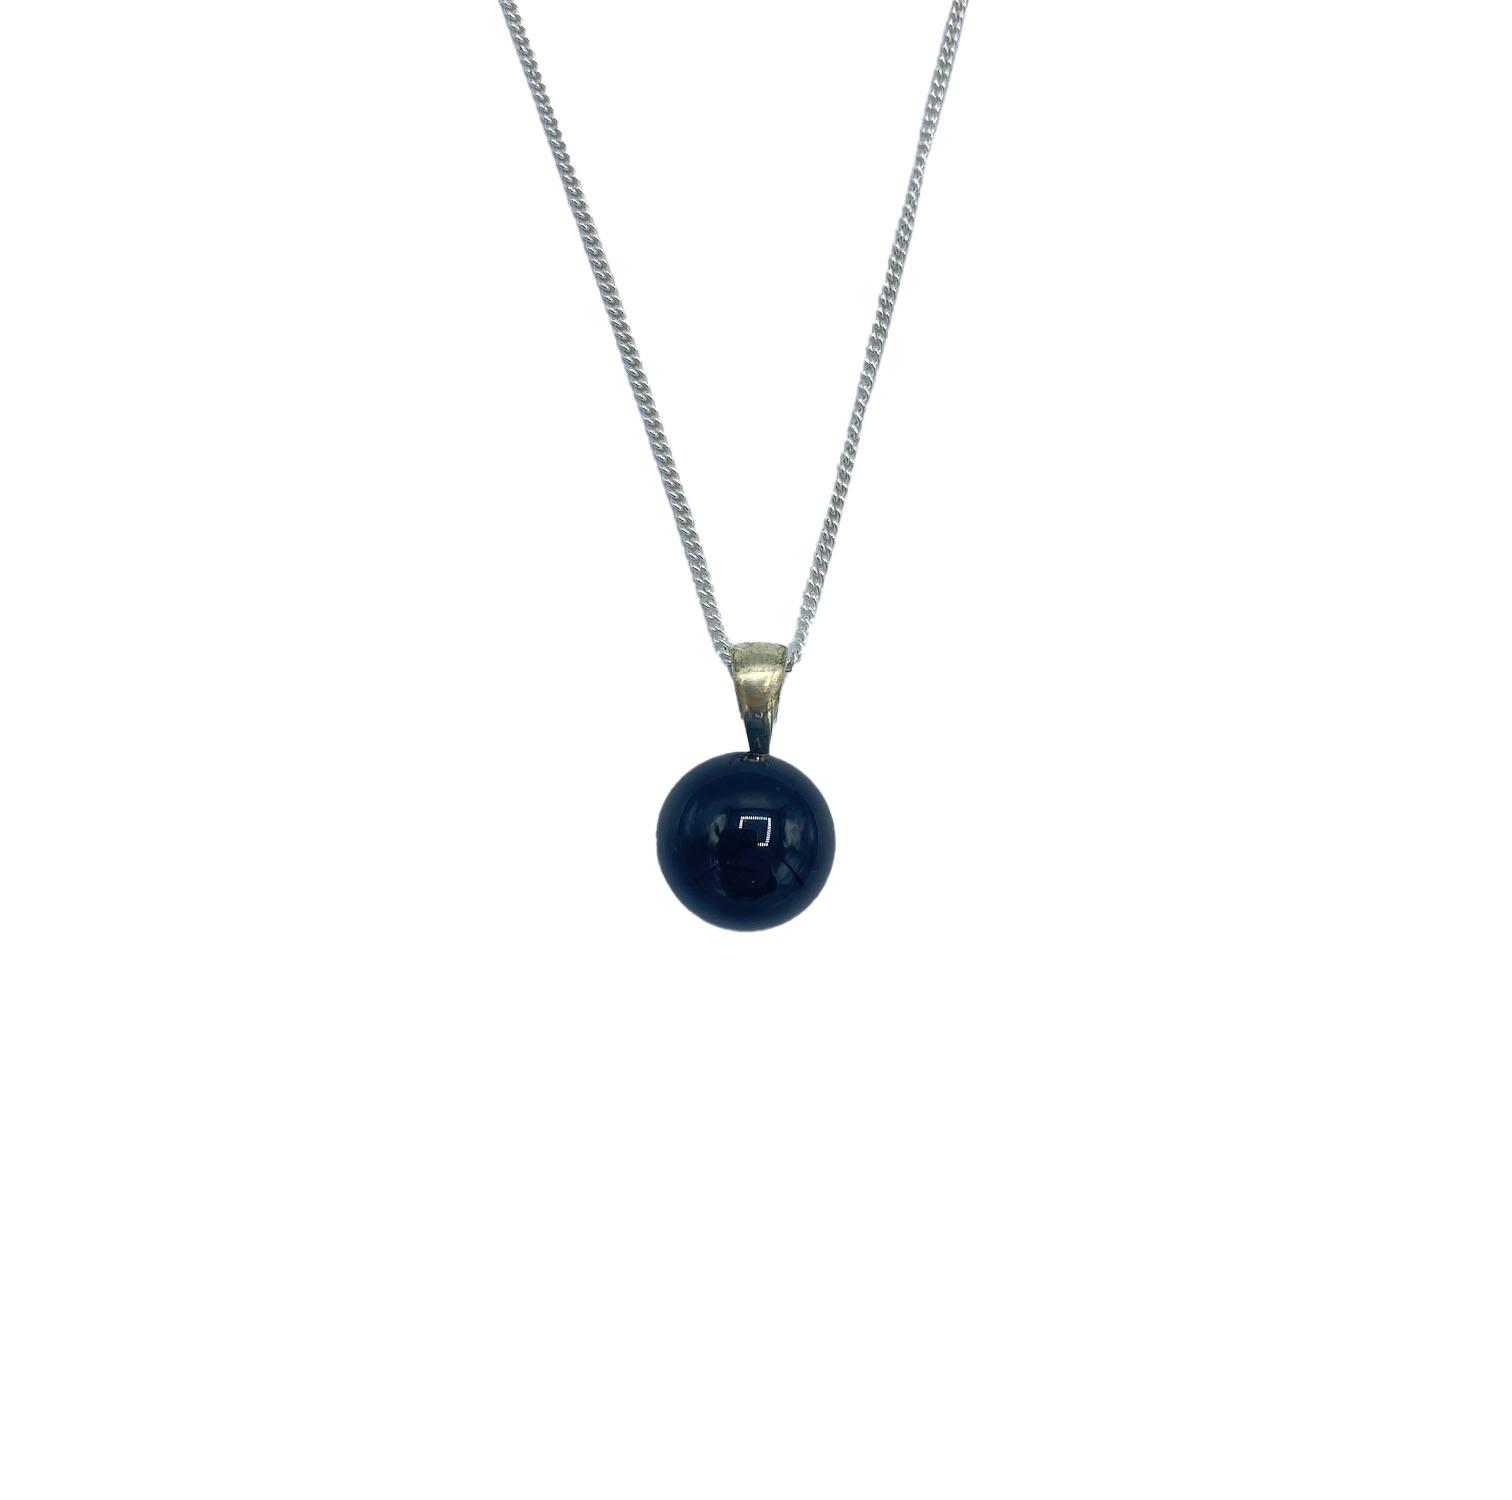 Minori Takagi Necklace - Glass Dot